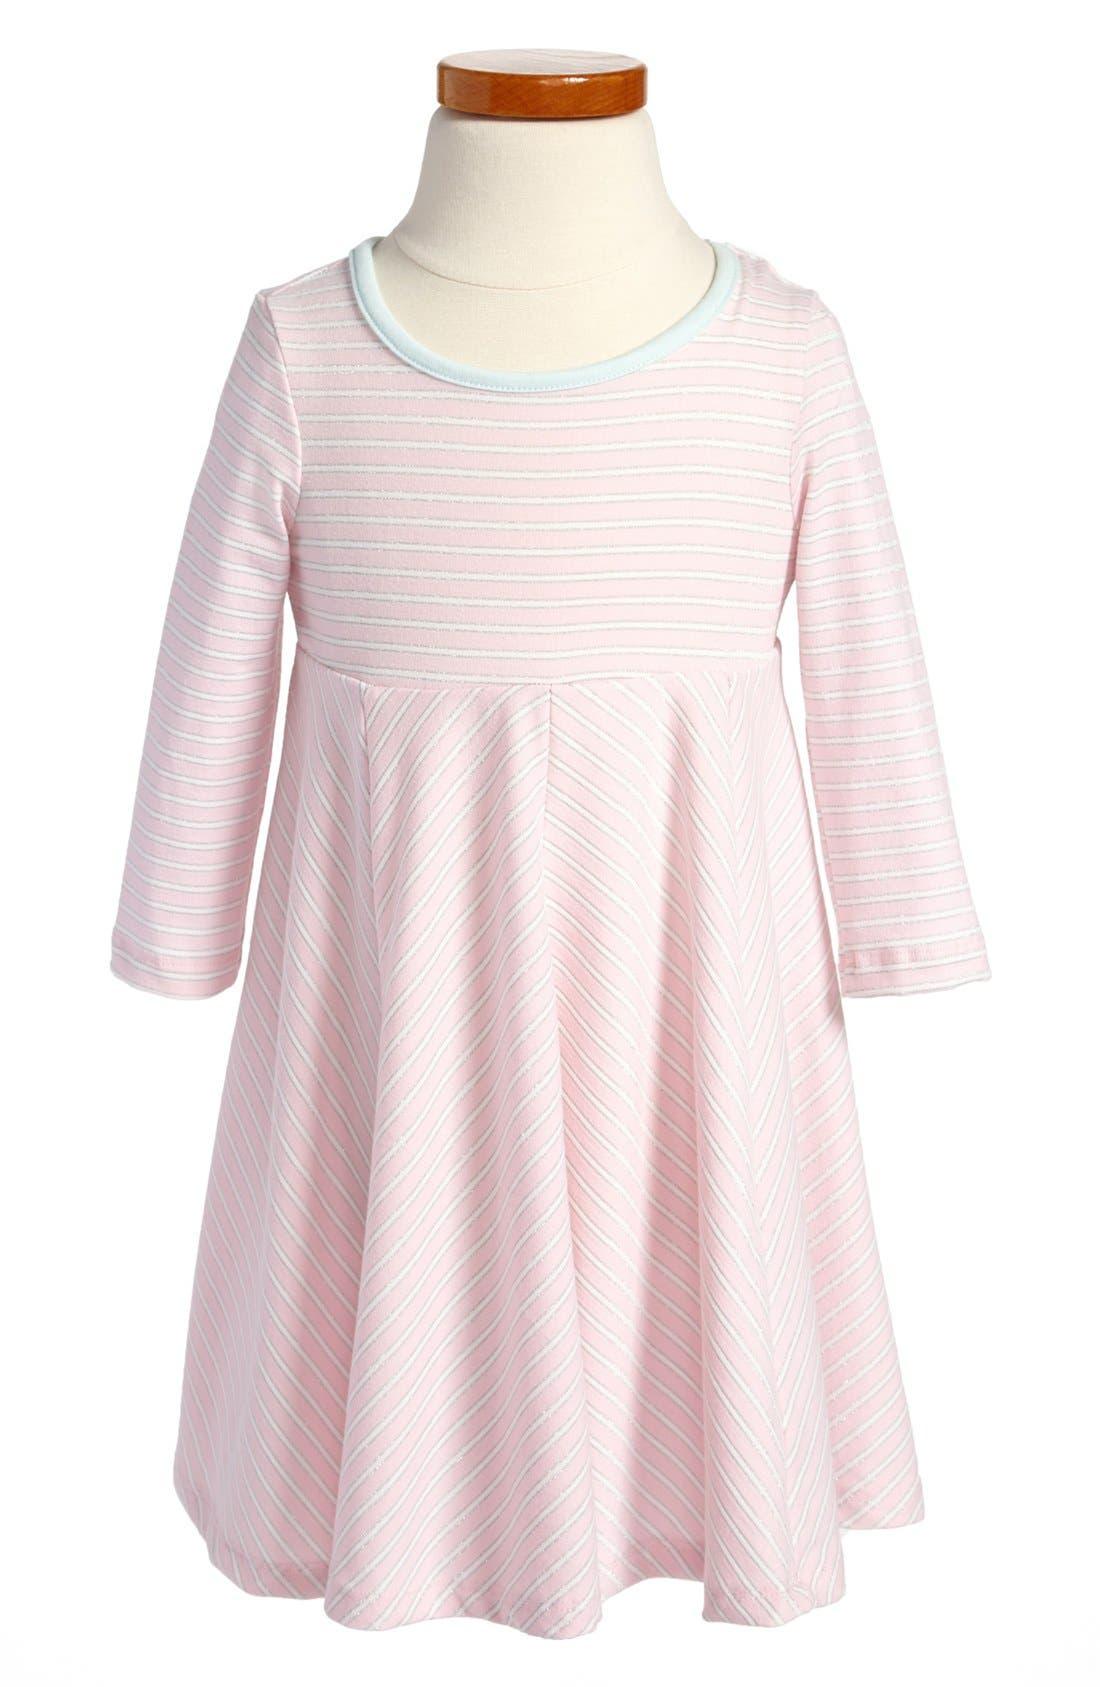 Main Image - Pippa & Julie Stripe Knit Dress (Toddler Girls)